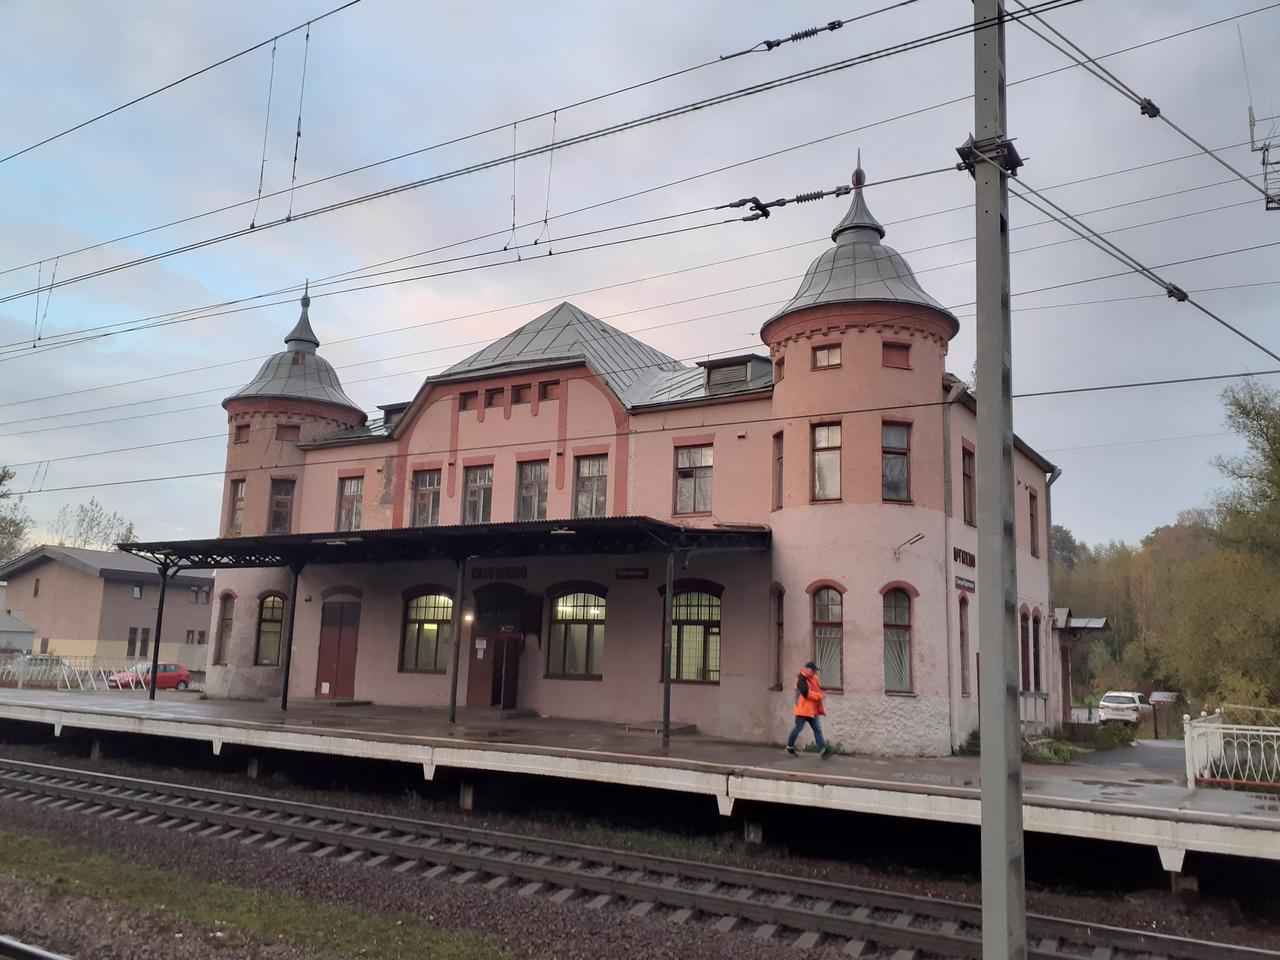 Железнодорожные прогулки. Старинный вокзал в Парголово. И как приветствуют друг друга поезда